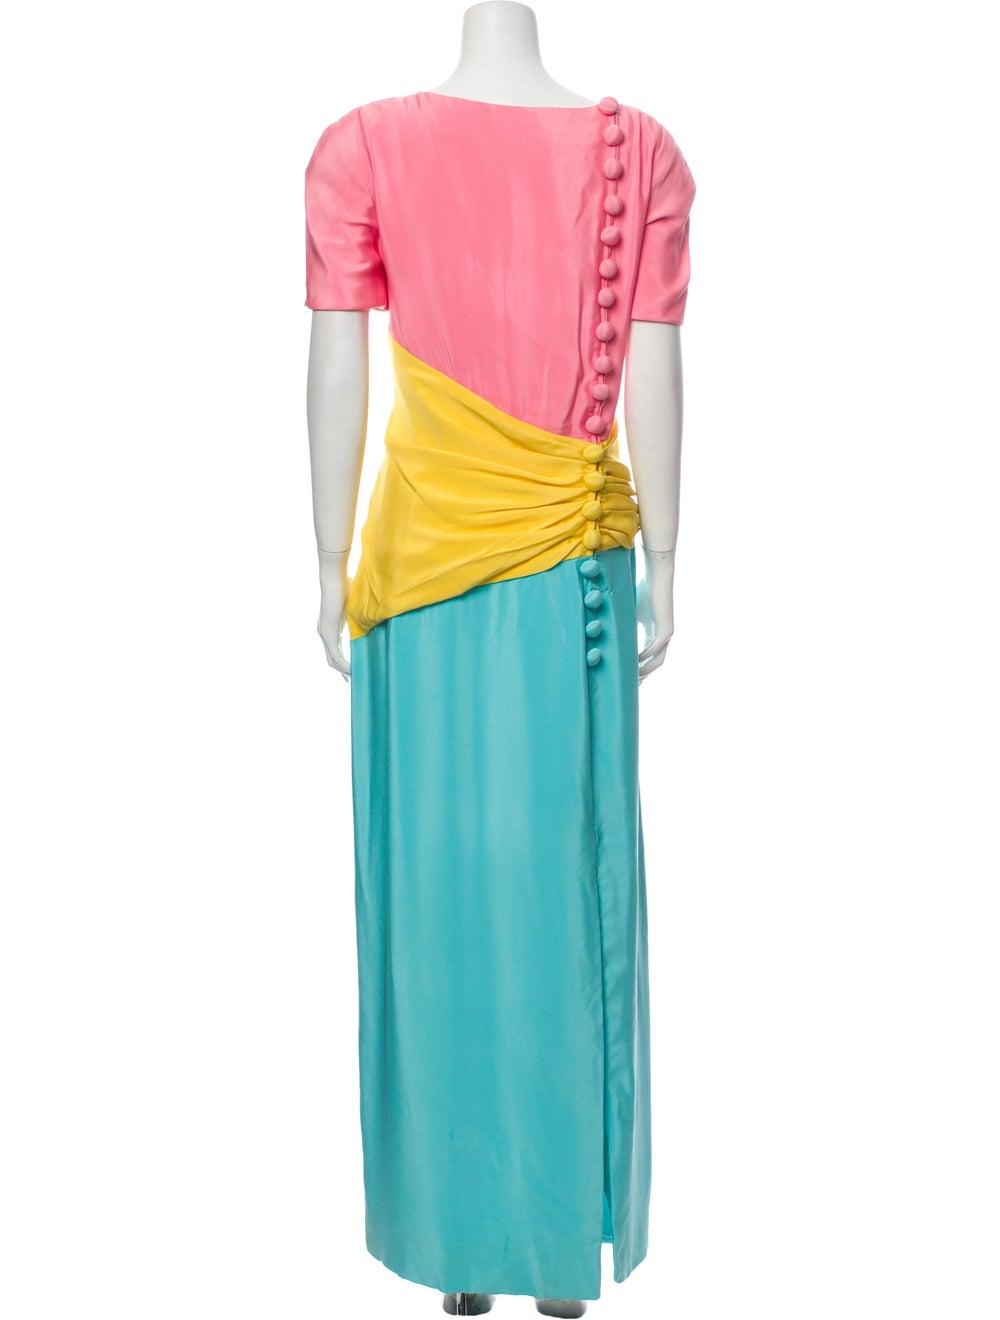 Arnold Scaasi Vintage Long Dress Pink - image 3